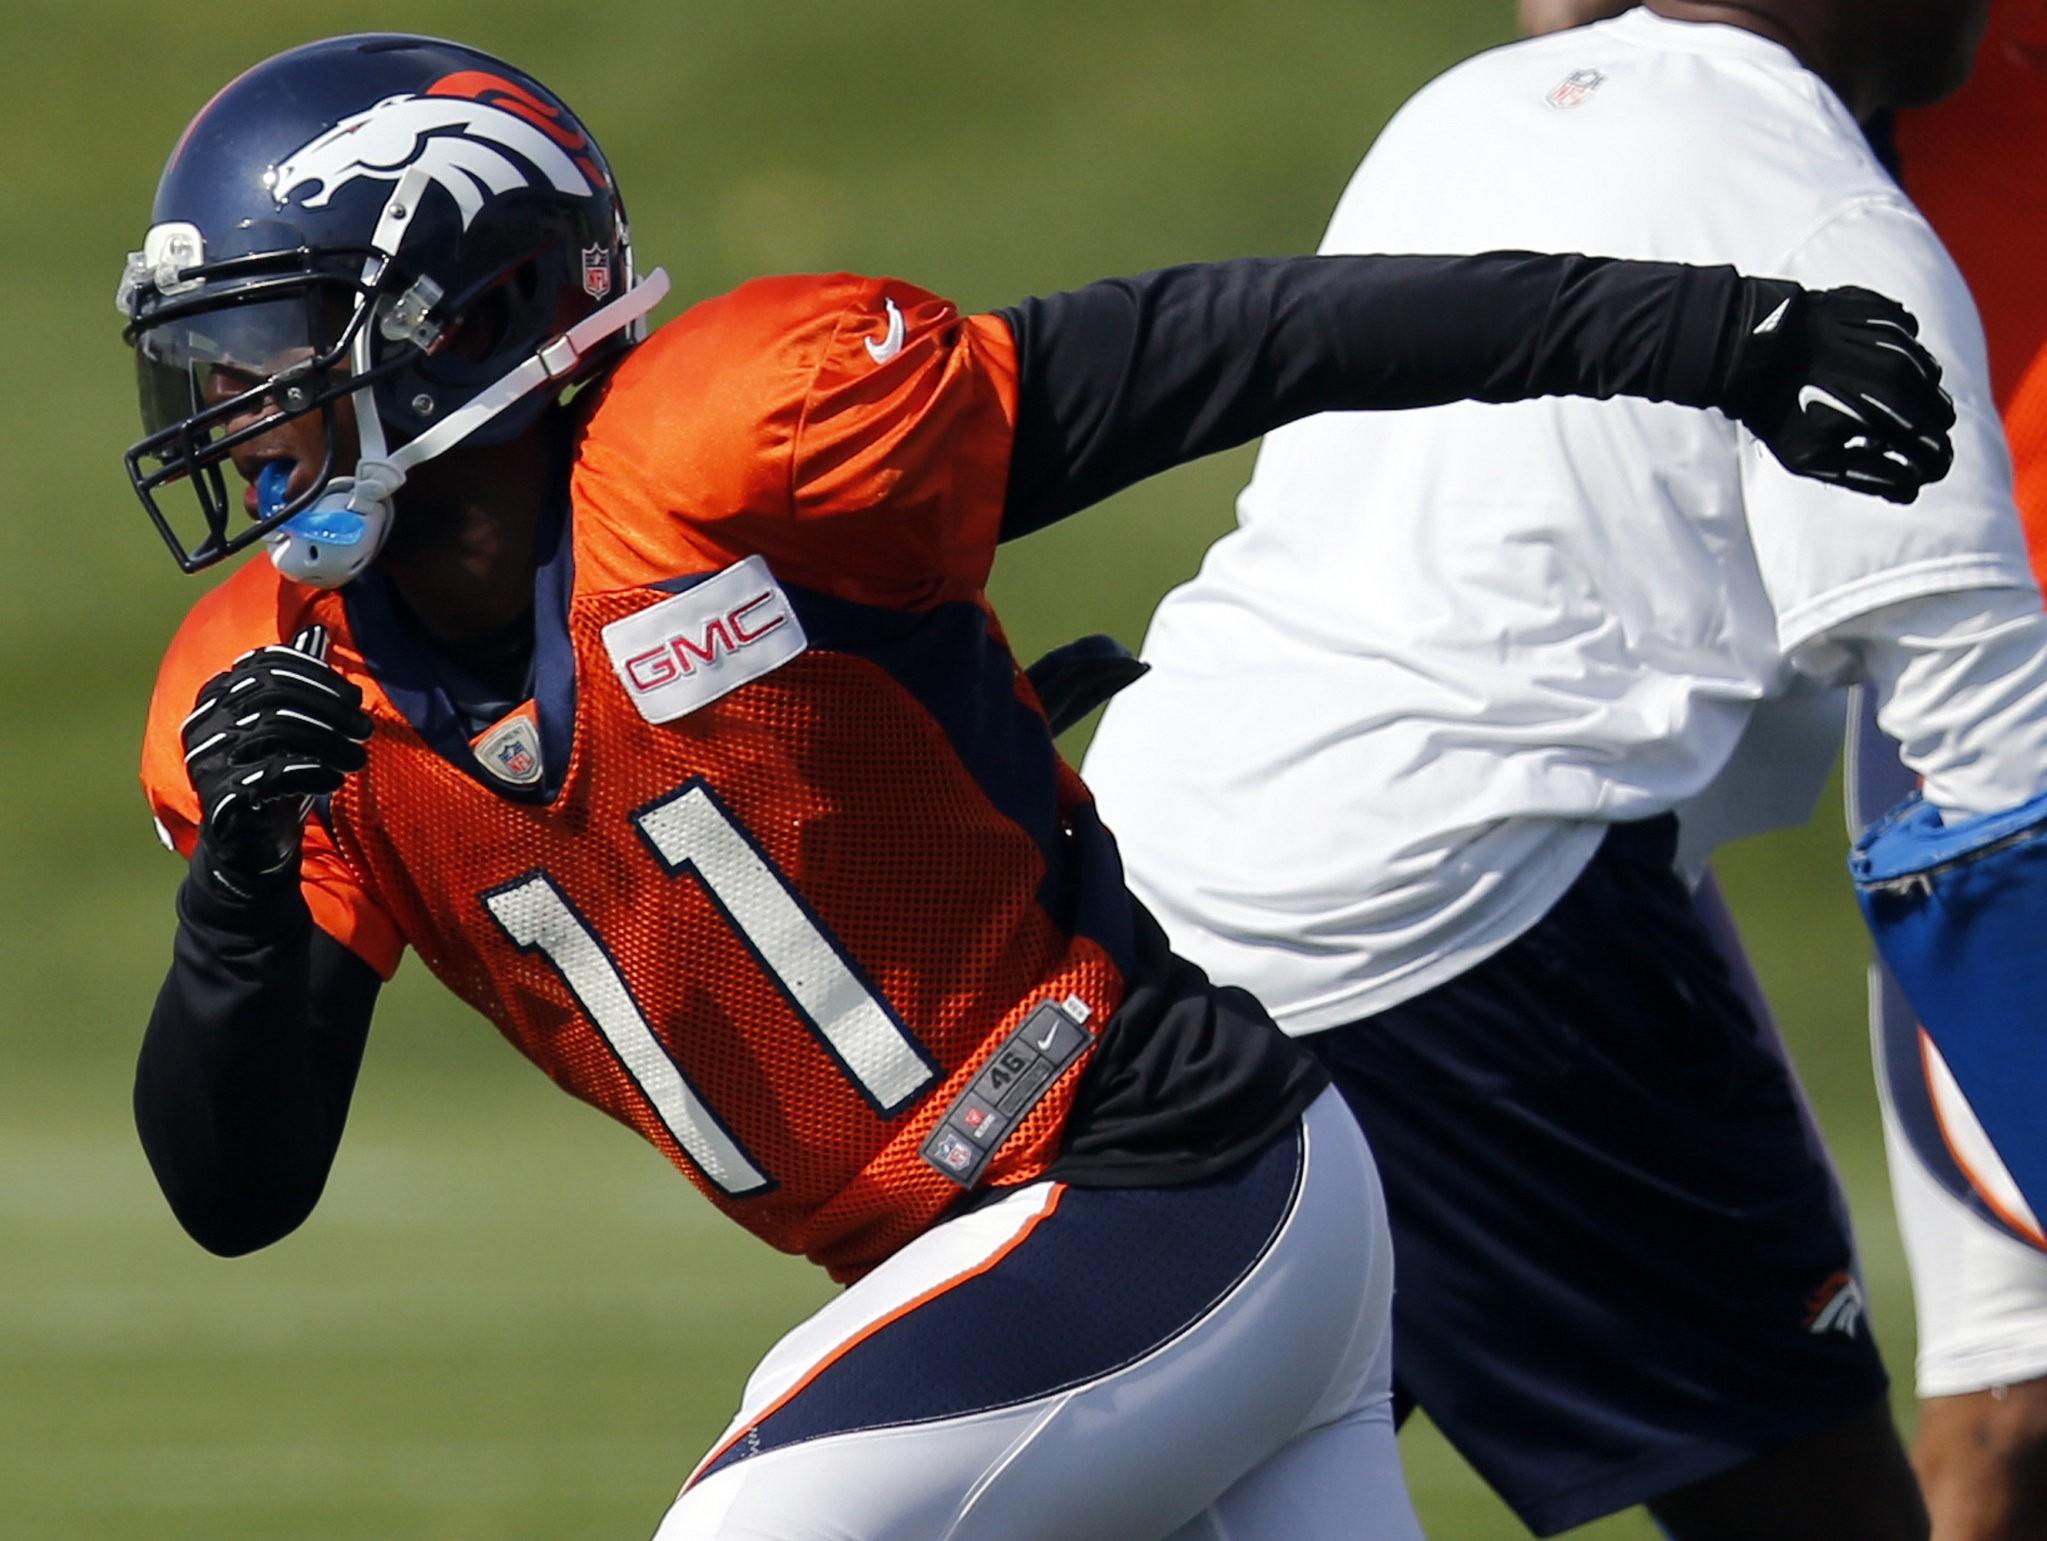 Penn State grad Jordan Norwood impresses at Denver Broncos camp ...